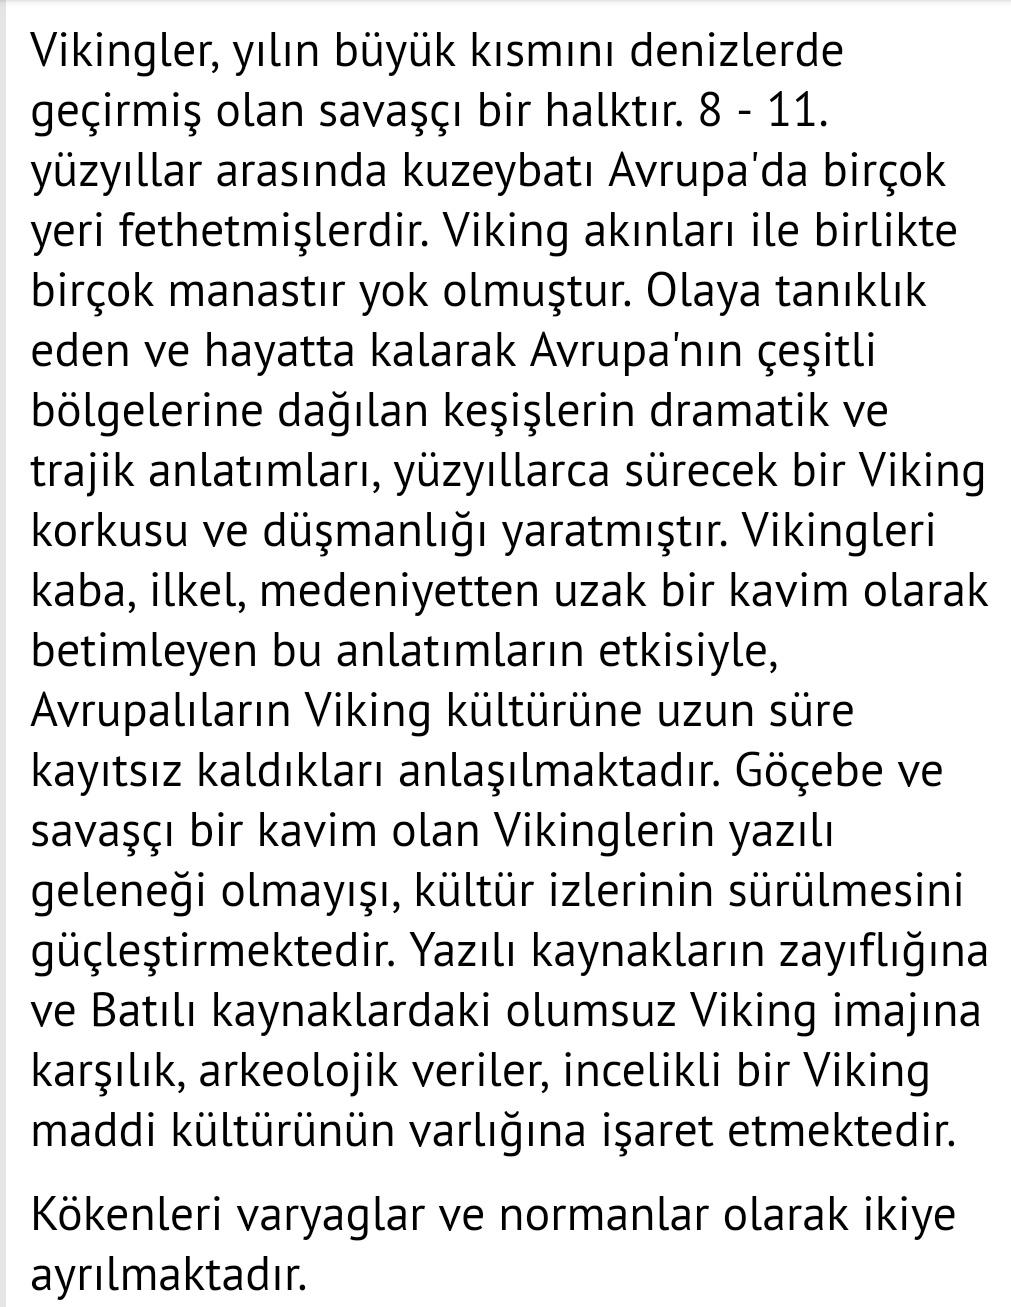 Hadi ipucu vikingler